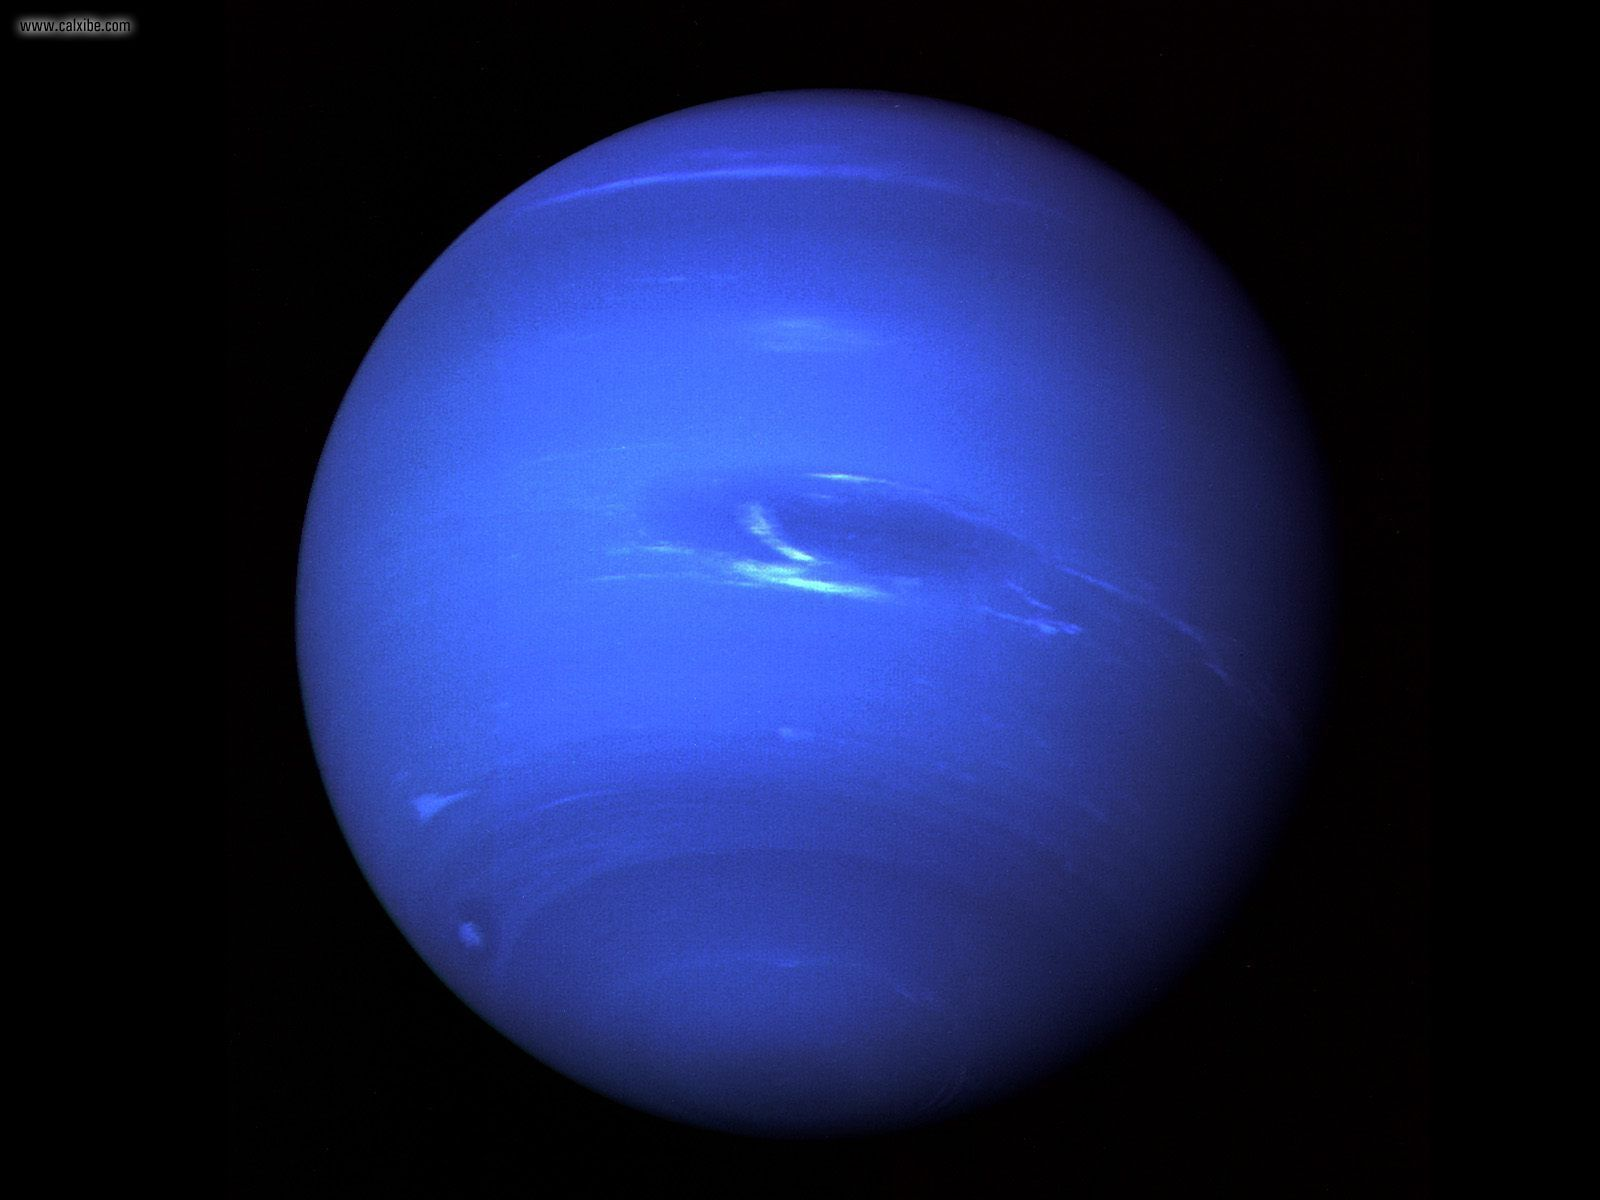 Foto planet Neptunus http://t.co/DmtiubTU